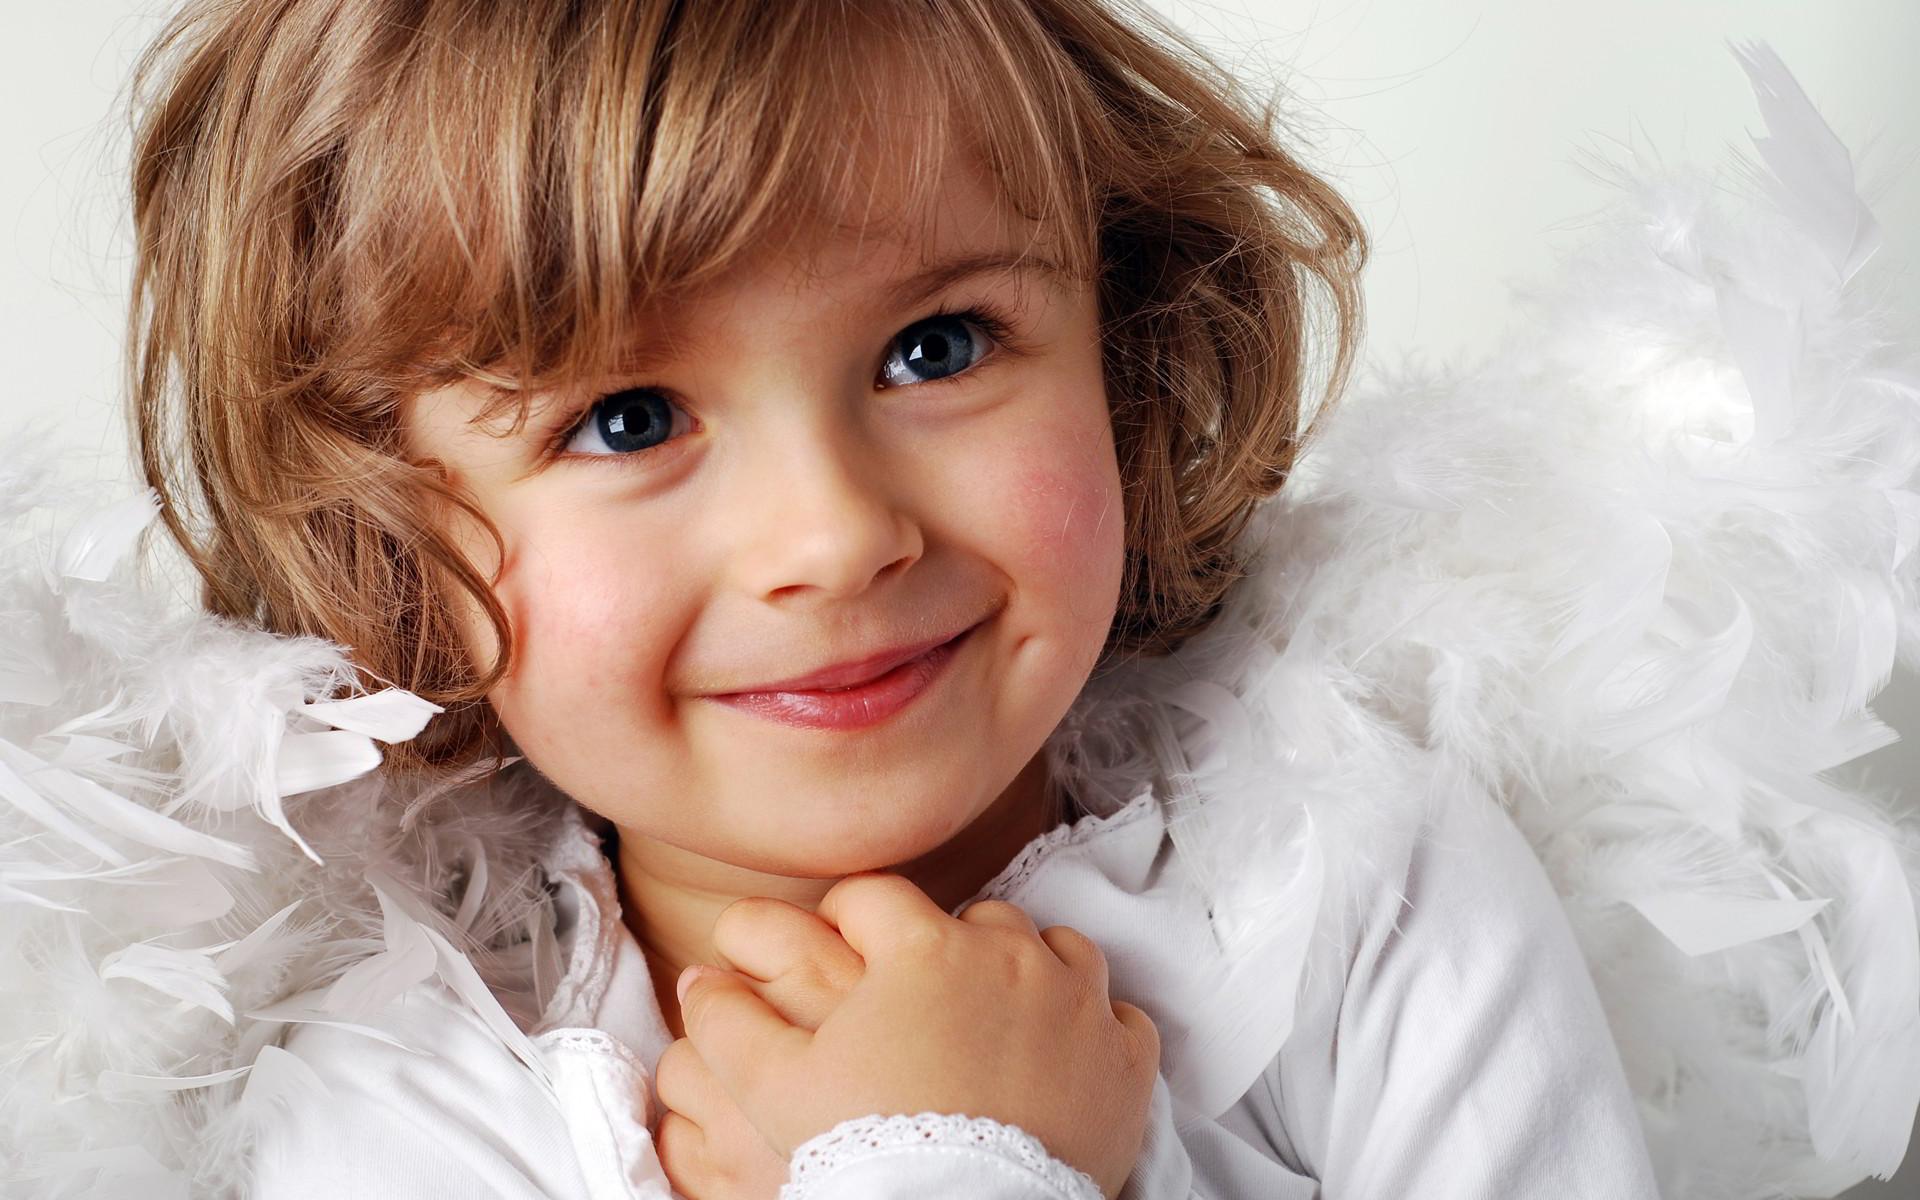 Ở đây hội tụ những hình ảnh đẹp nhất về em bé mà chúng tôi sưu tầm được gửi tặng đến bạn.